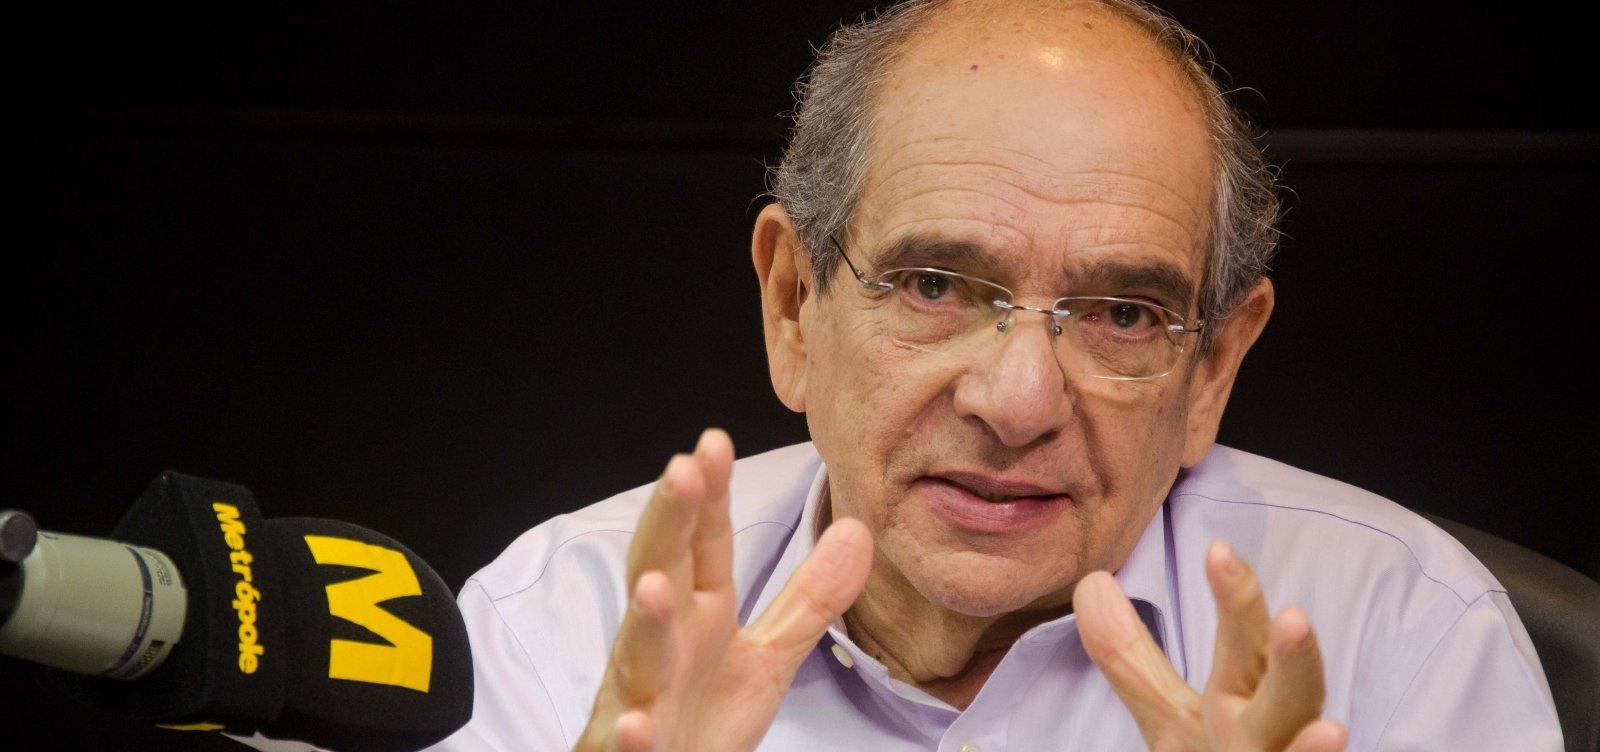 MK sobre vitória de Bolsonaro: 'Faremos oposição naquilo que não estiver certo e aplaudiremos o que for positivo'; veja